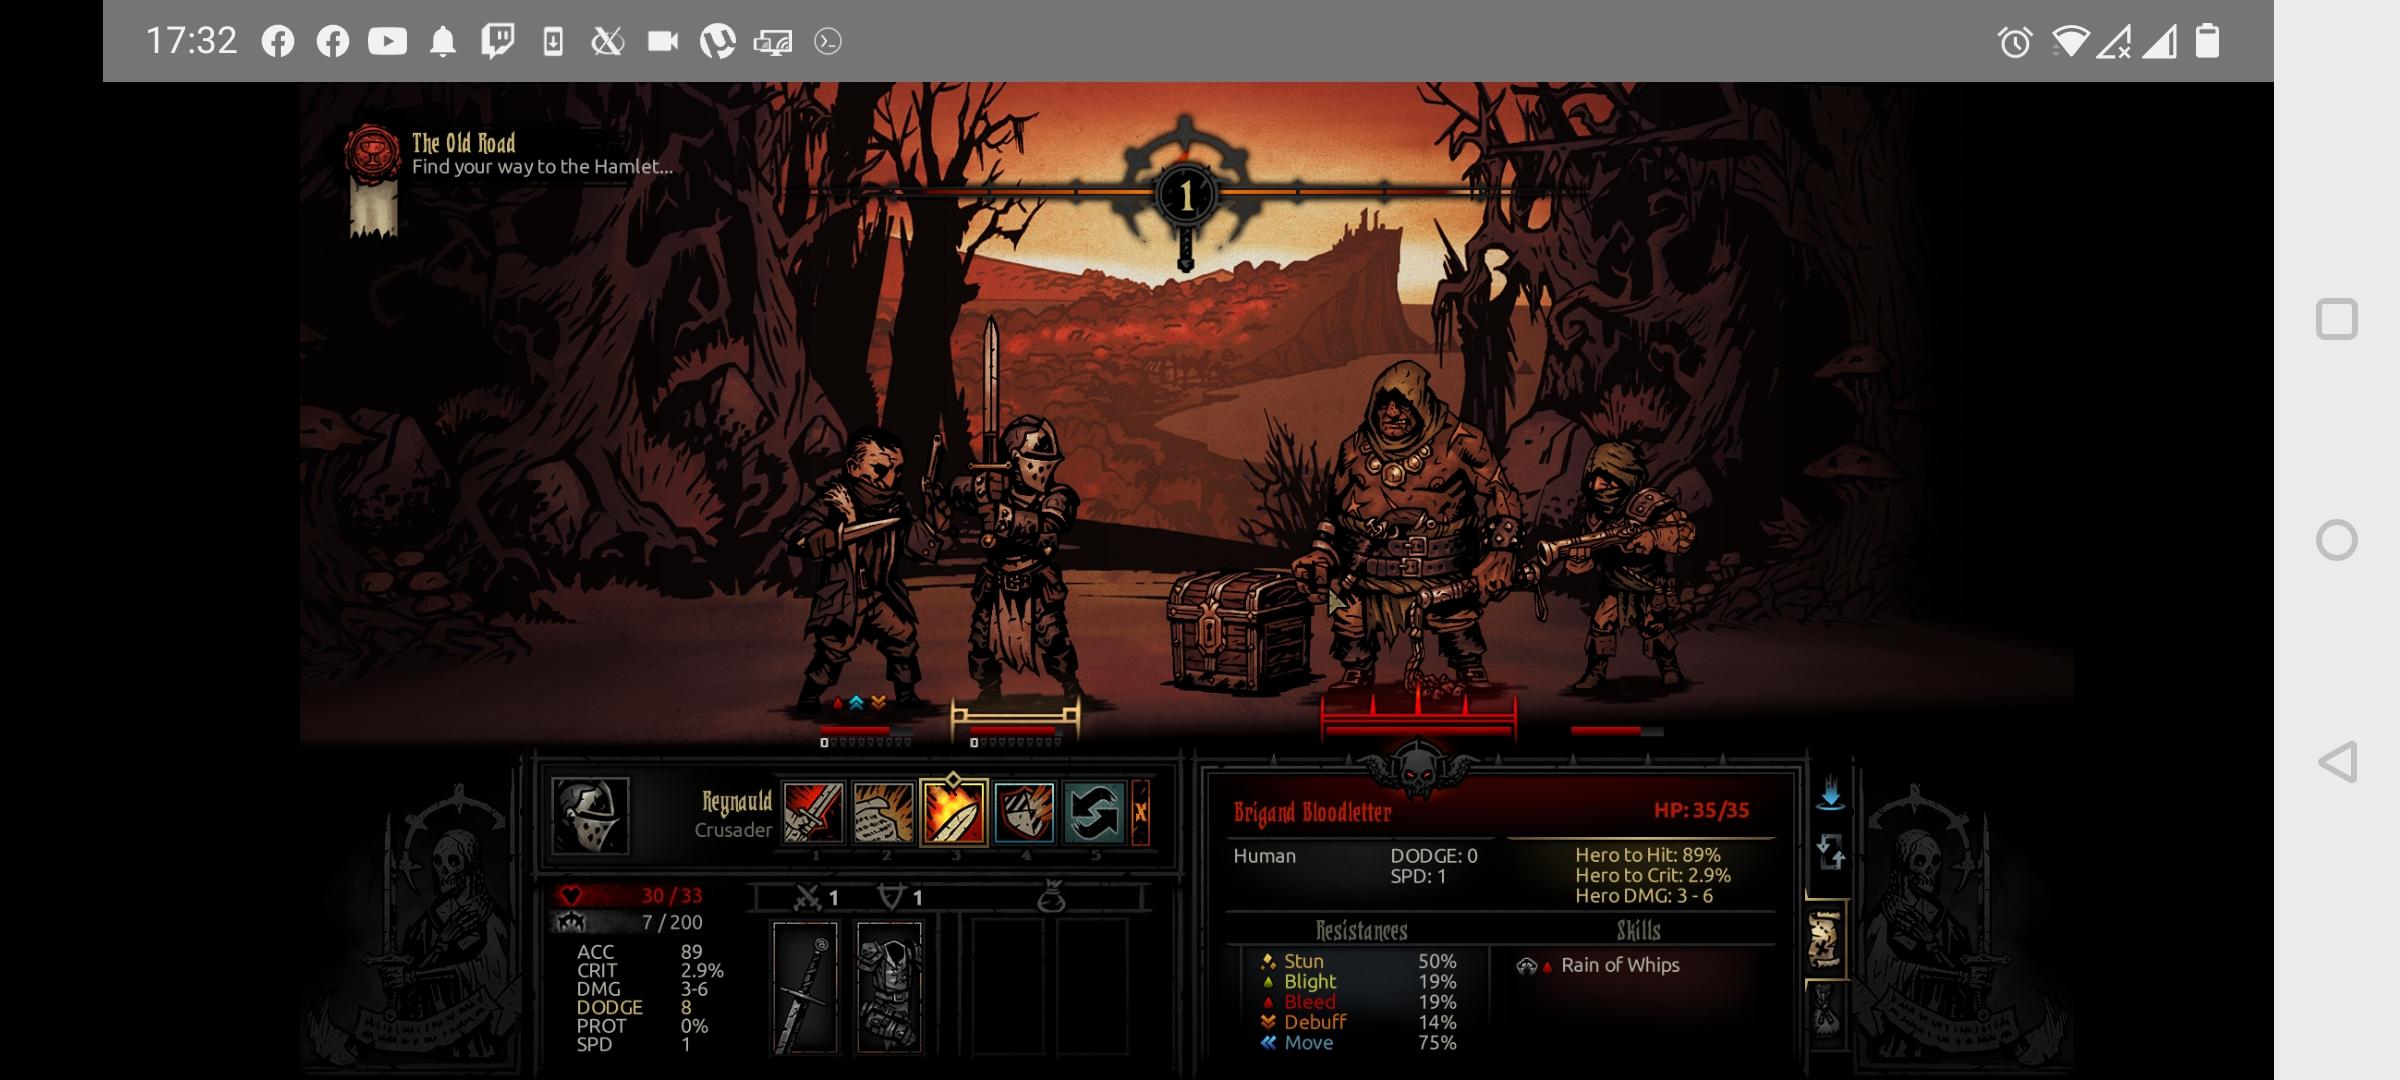 Screenshot_20210526-173211.jpg